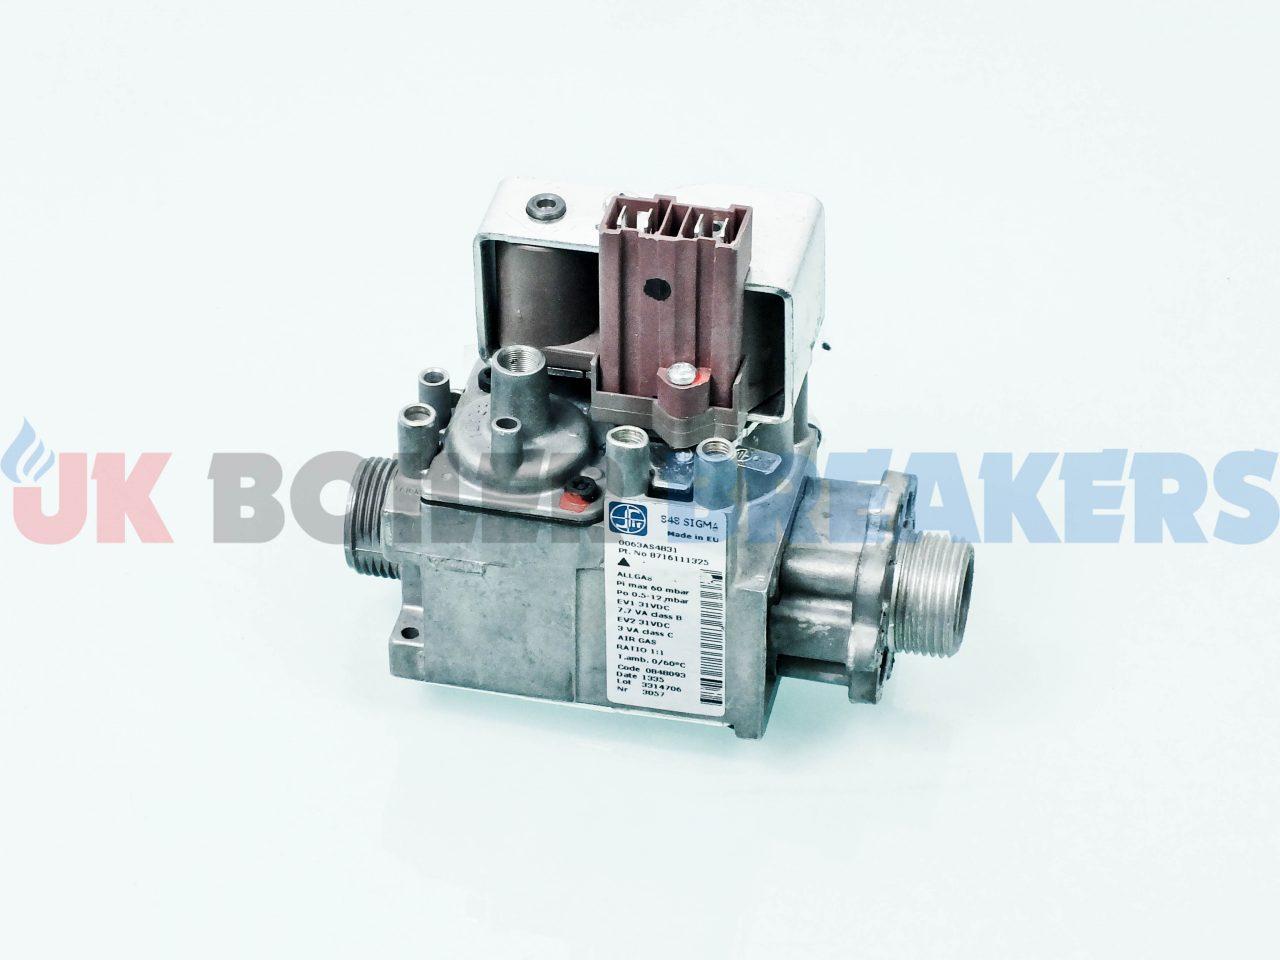 Worcester Gas Valve 87161113250 1